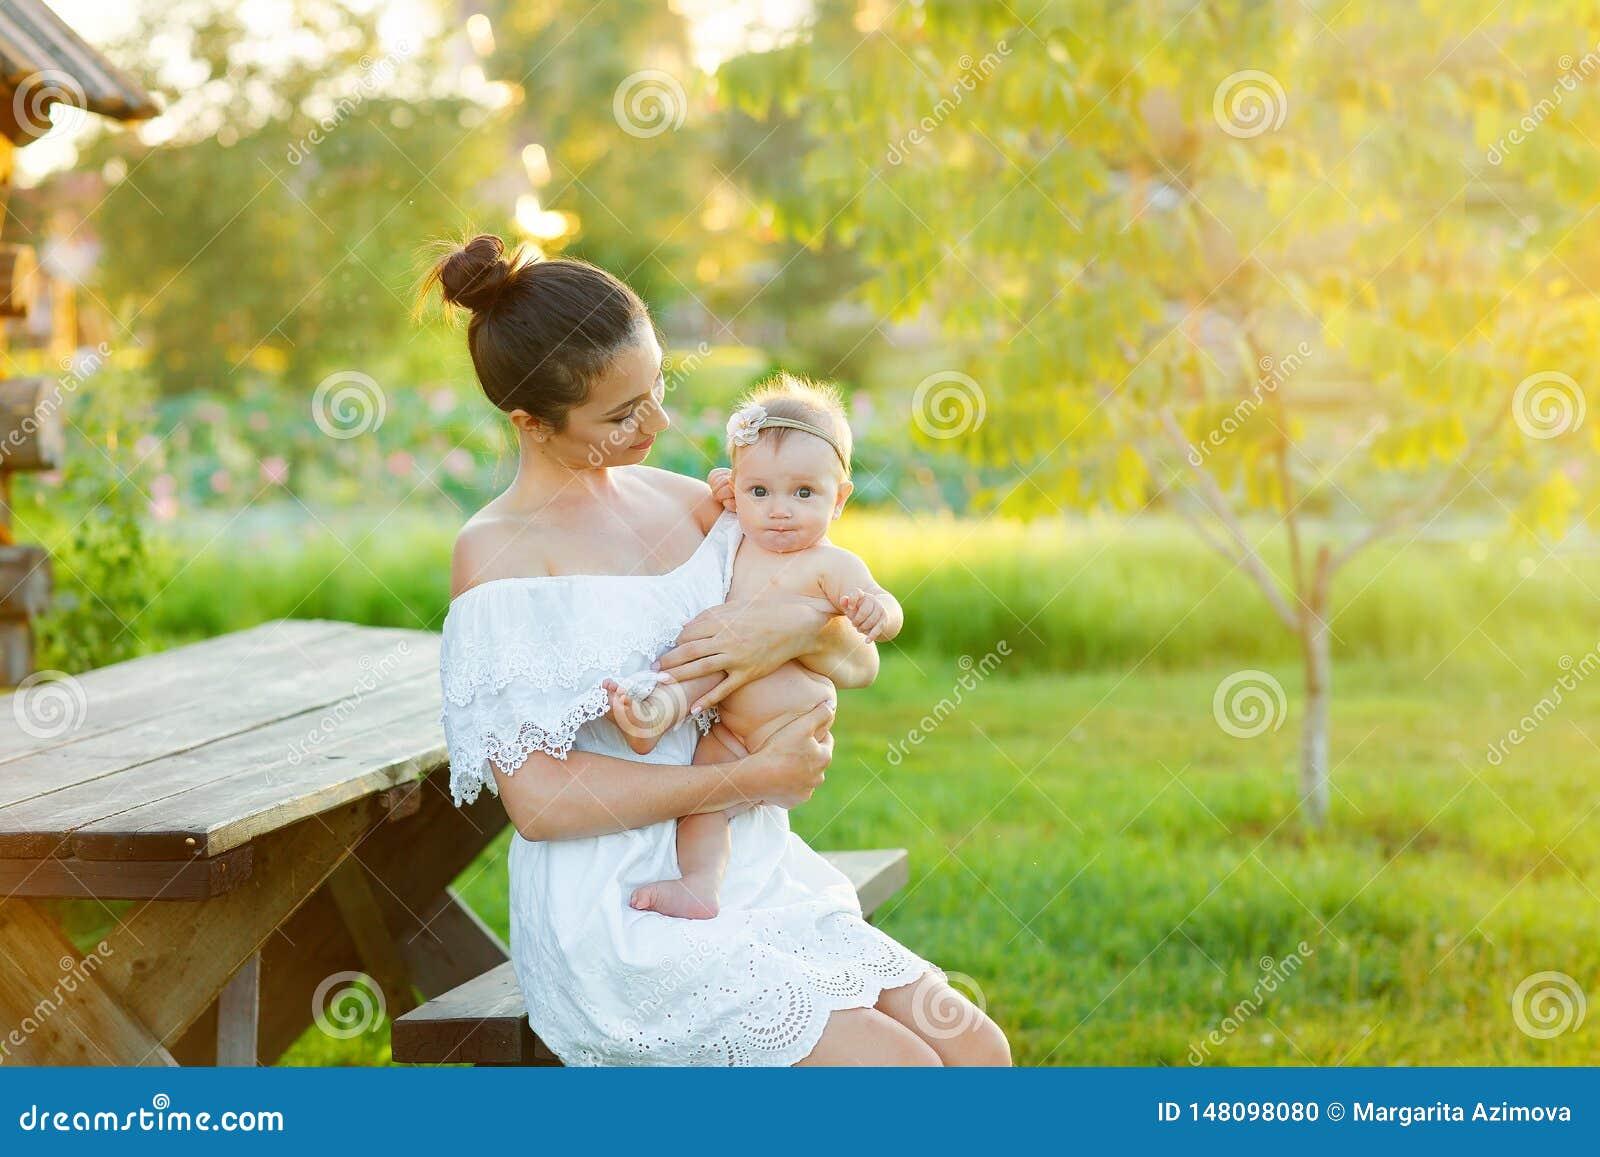 妈妈护理她的孩子本质上 幸福家庭坐日落背景